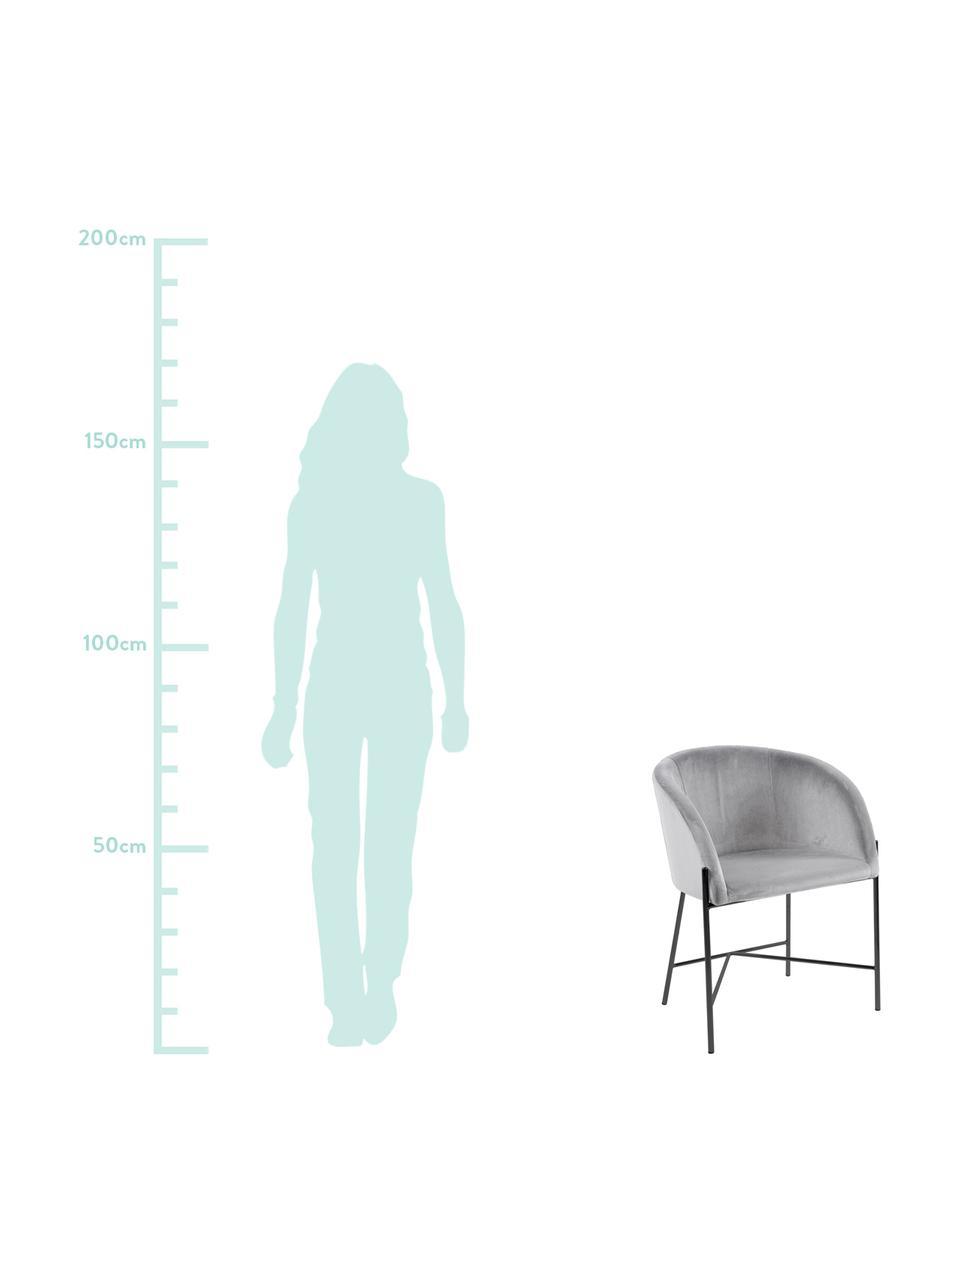 Krzesło tapicerowane z aksamitu Nelson, Tapicerka: aksamit poliestrowy Dzięk, Nogi: metal lakierowany, Szary, czarny, S 56 x G 55 cm